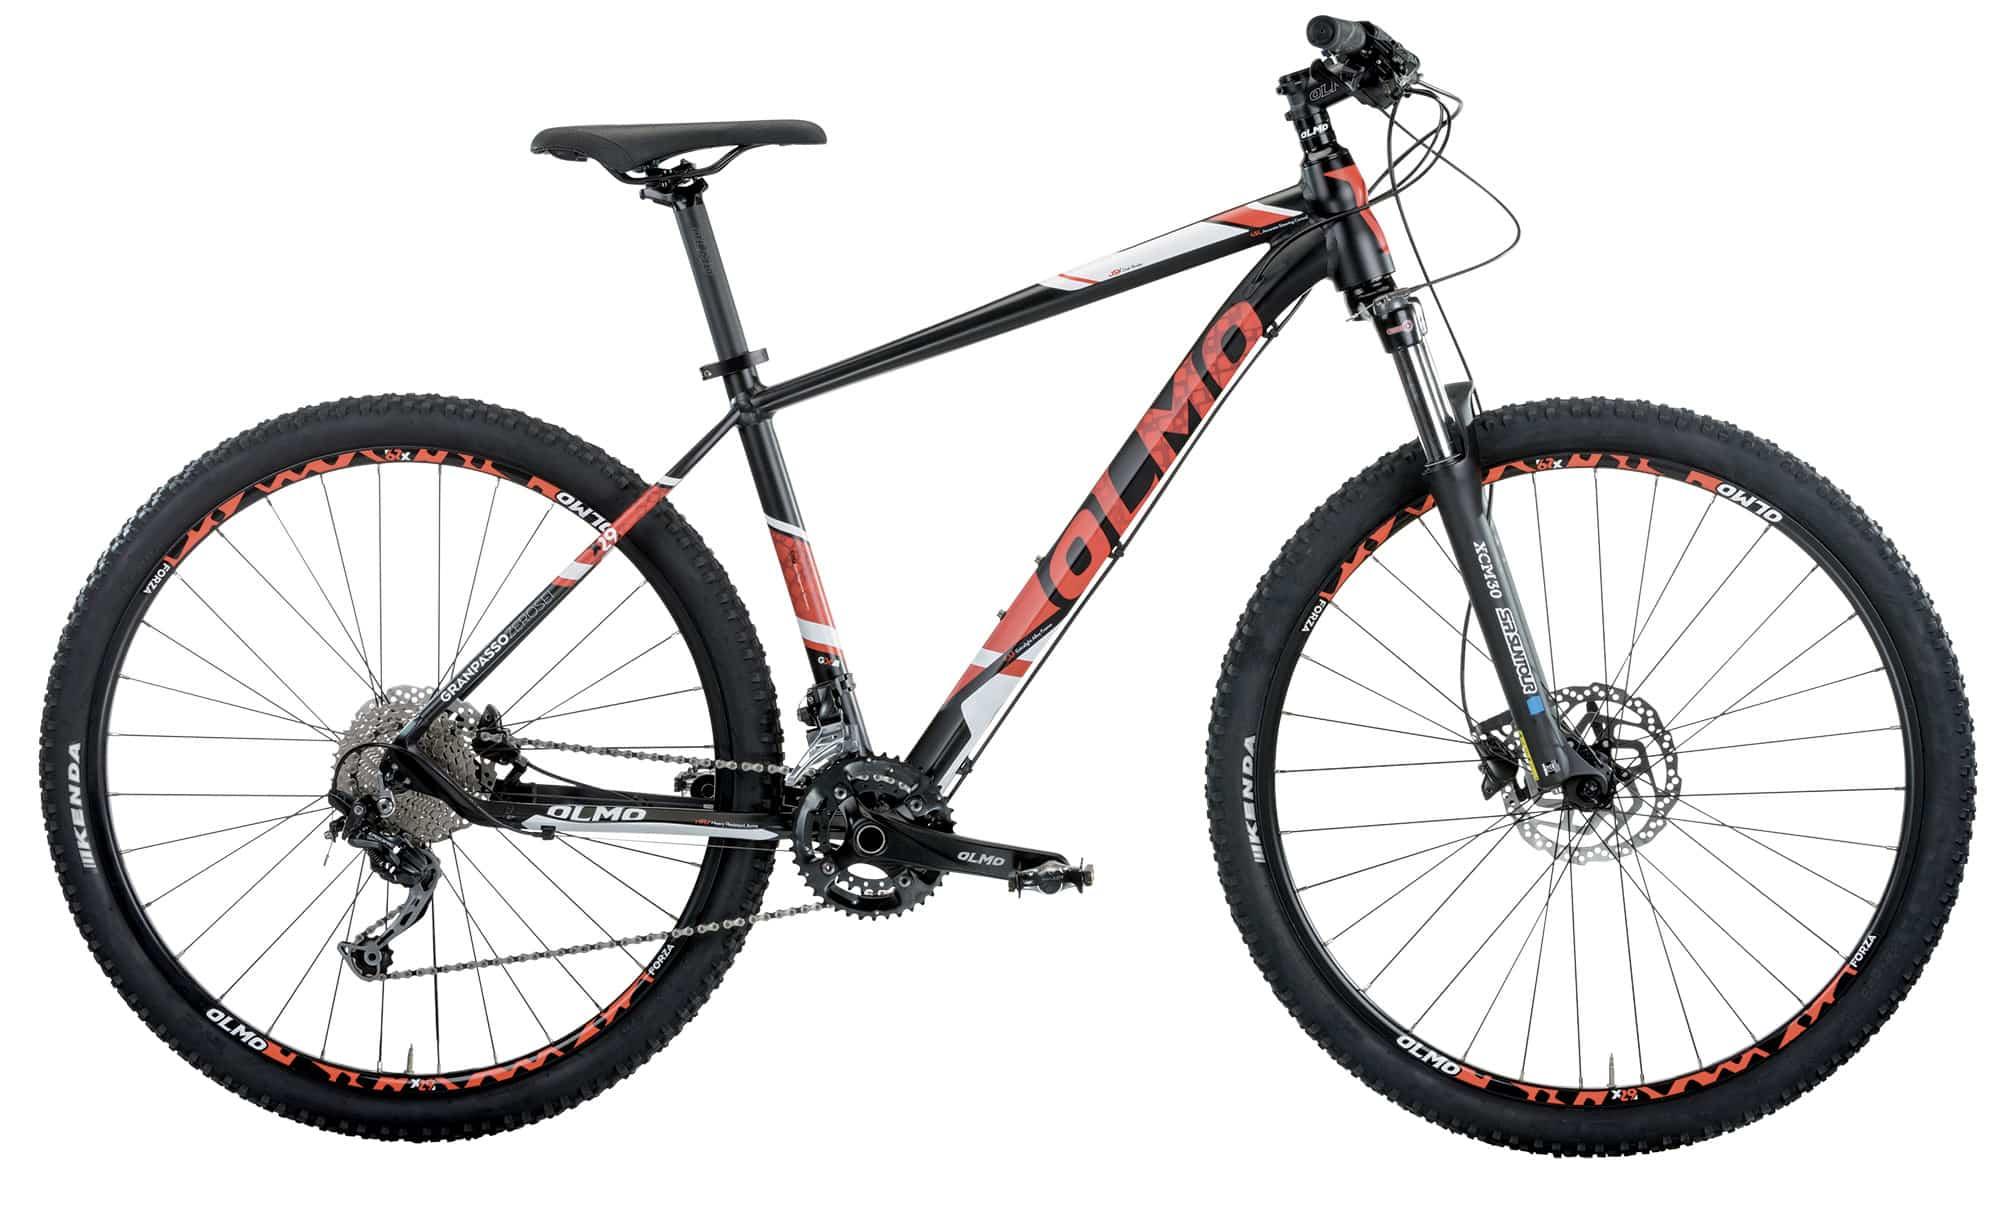 www.olmo-bike.it